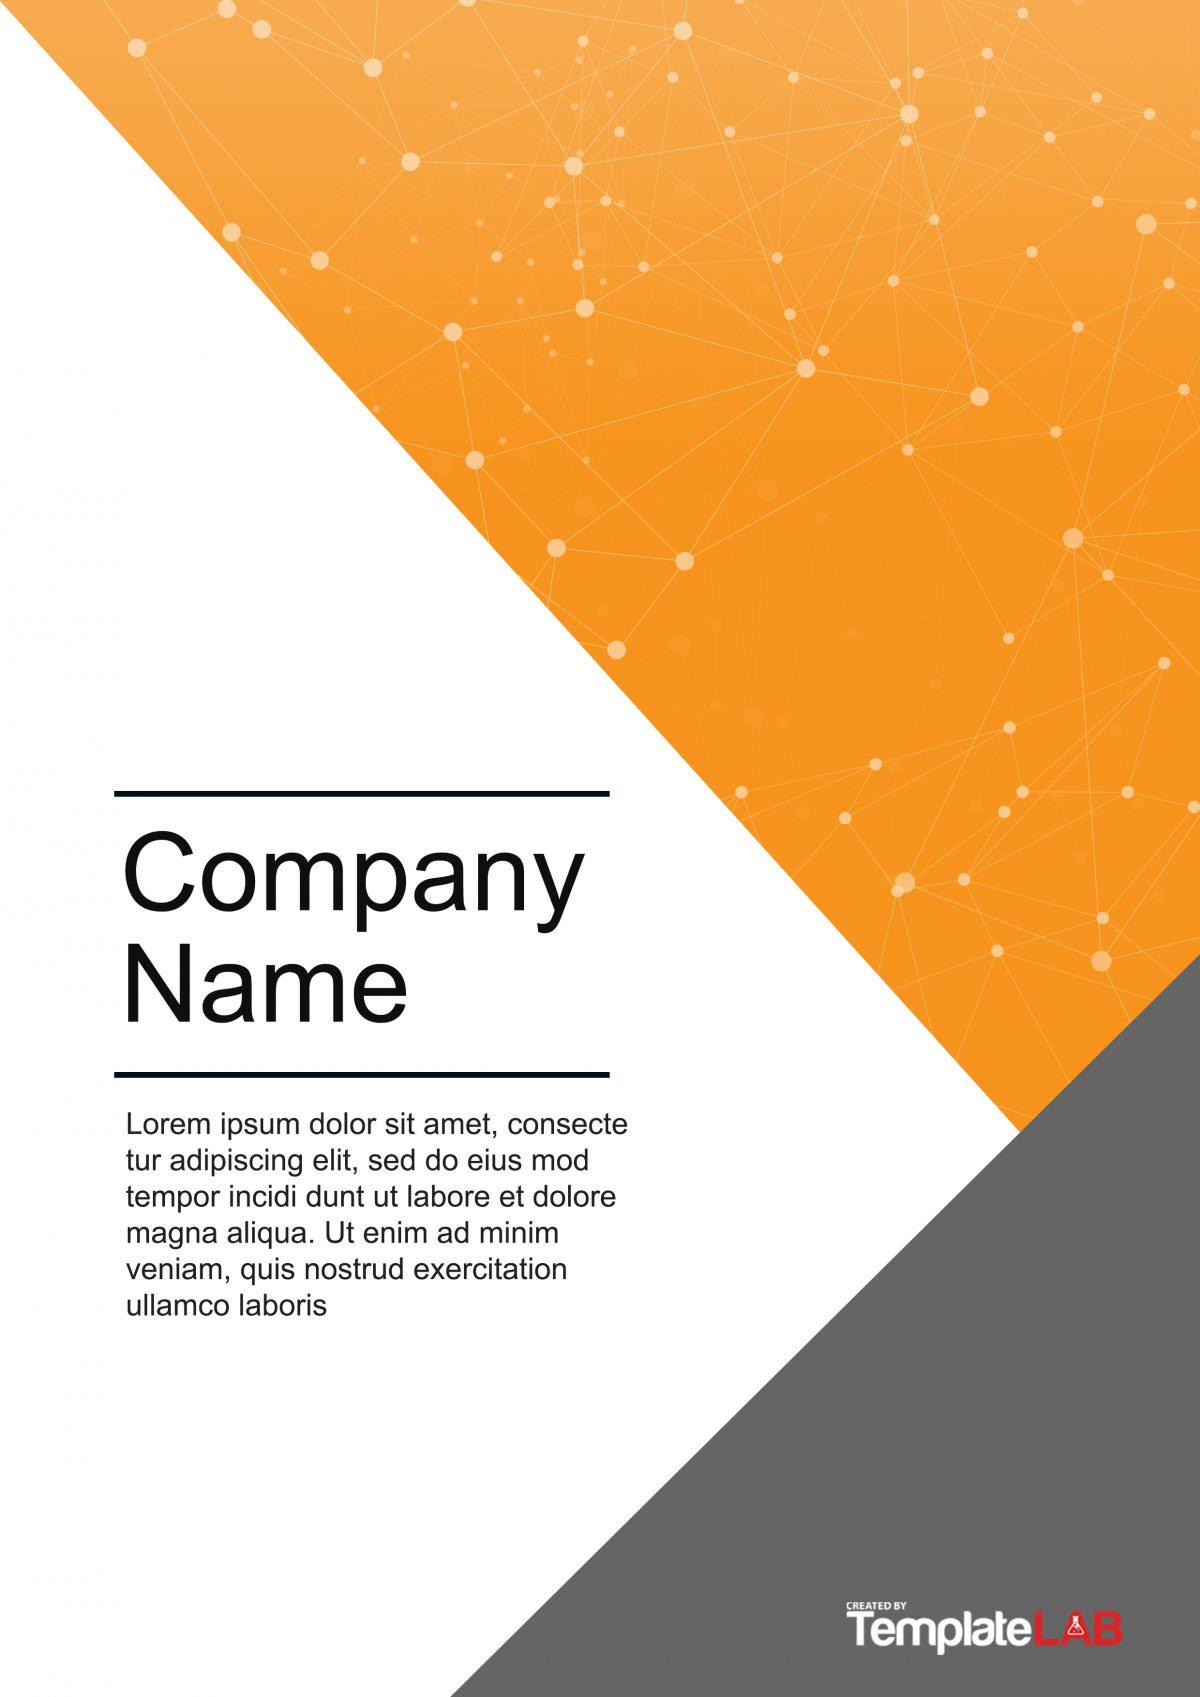 Interior Design Company Profile Template Word